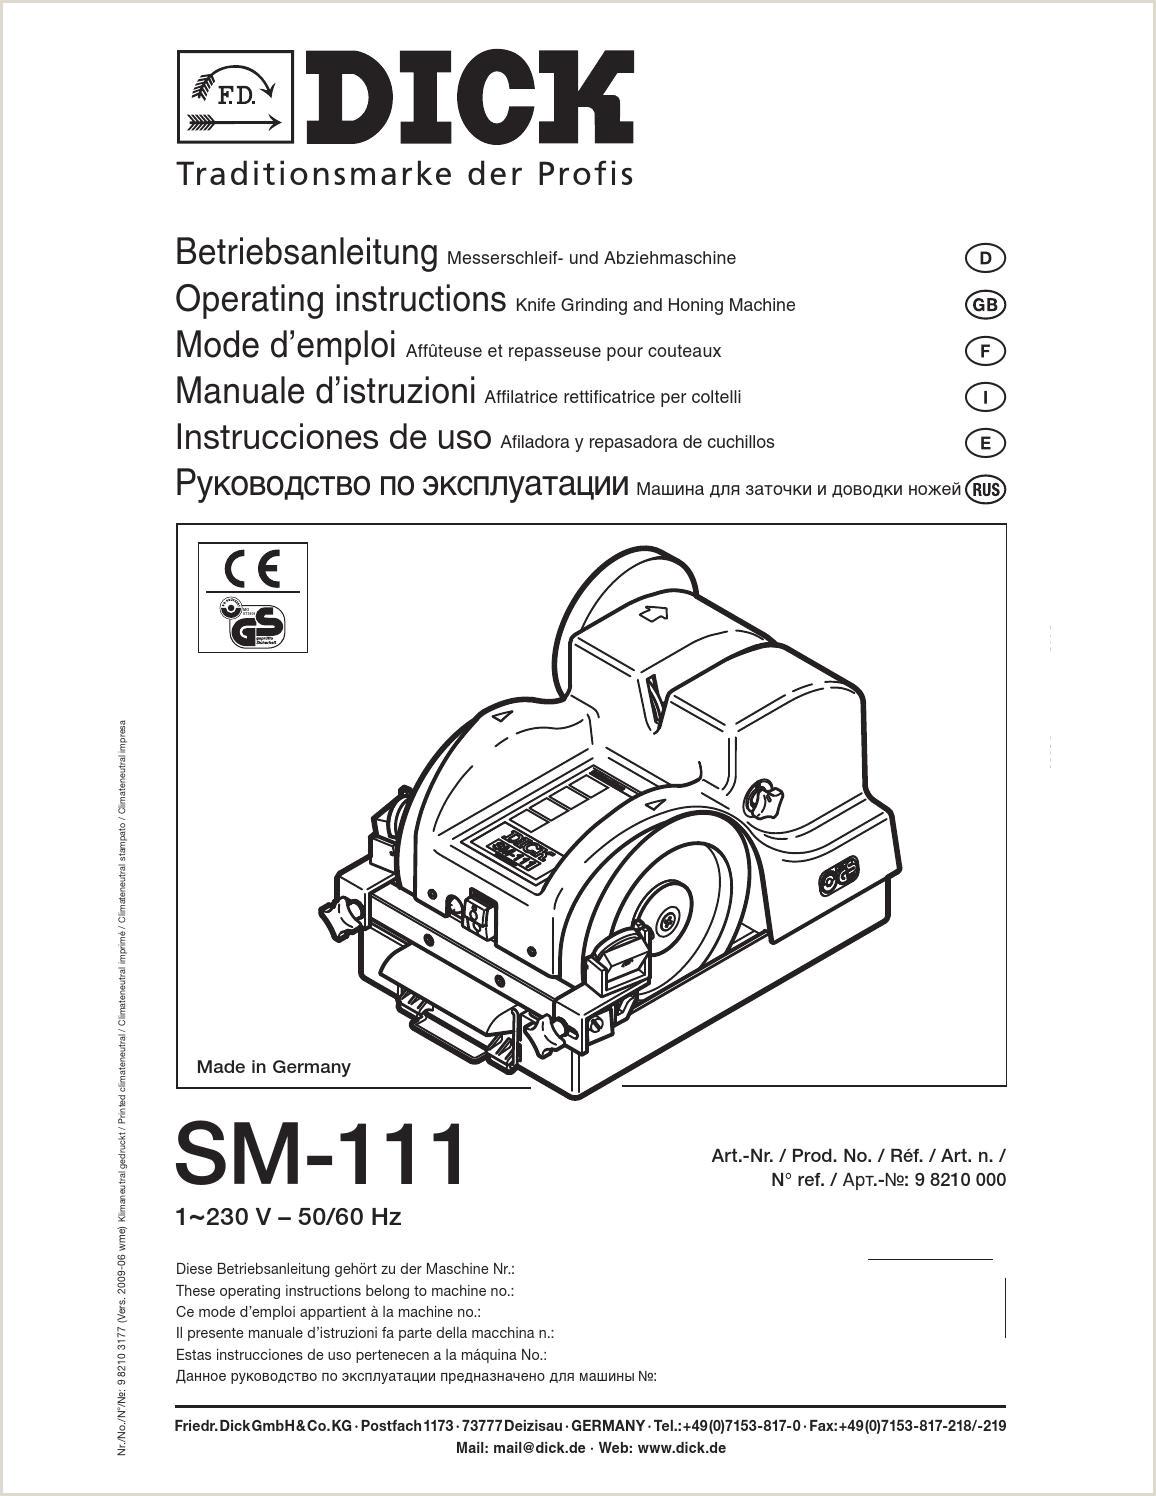 Como Hacer Una Hoja De Vida Adecuada Manual Afiladora Sm 111 Dick by Food Technology Sa issuu